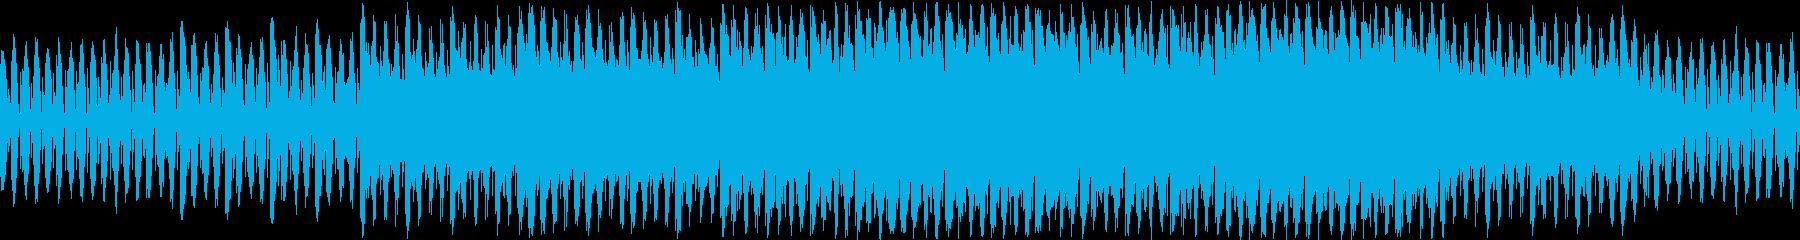 爽快なカッティングギターのループ曲の再生済みの波形